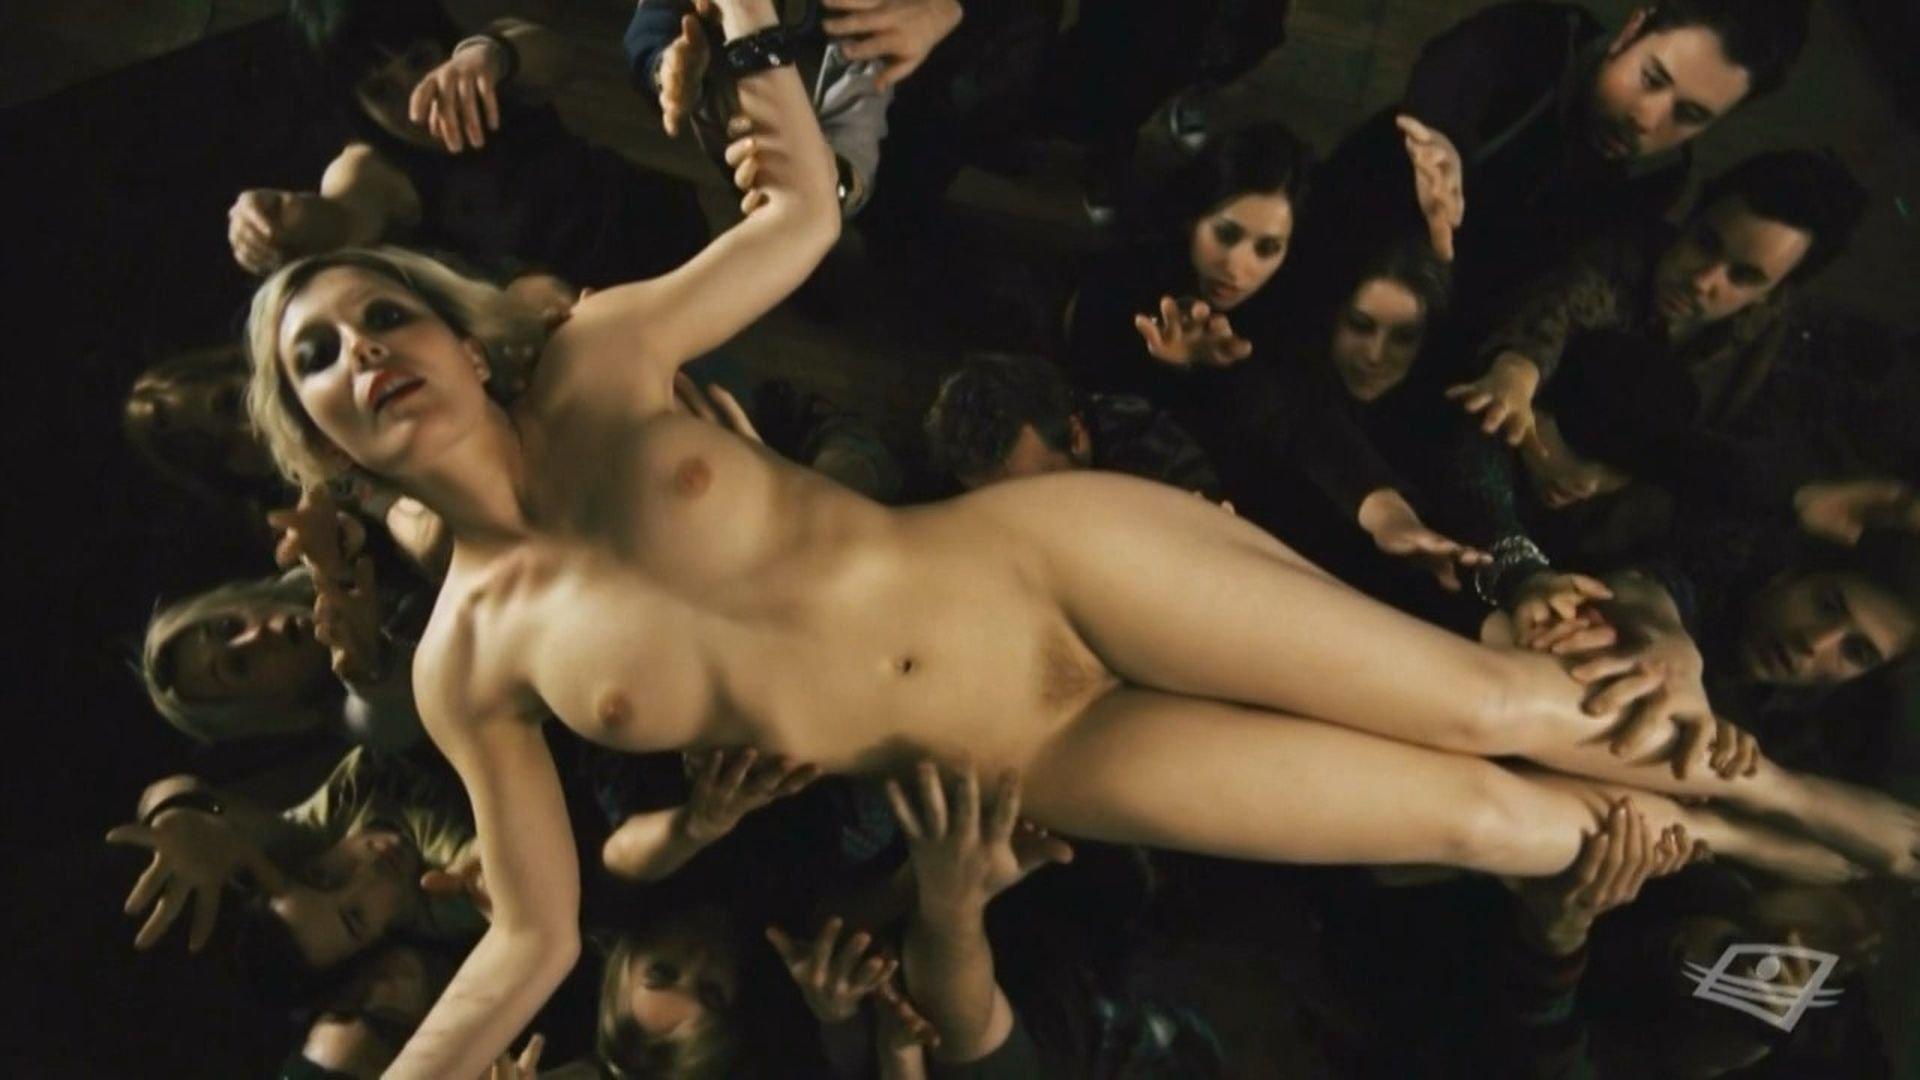 Emily beecham nude